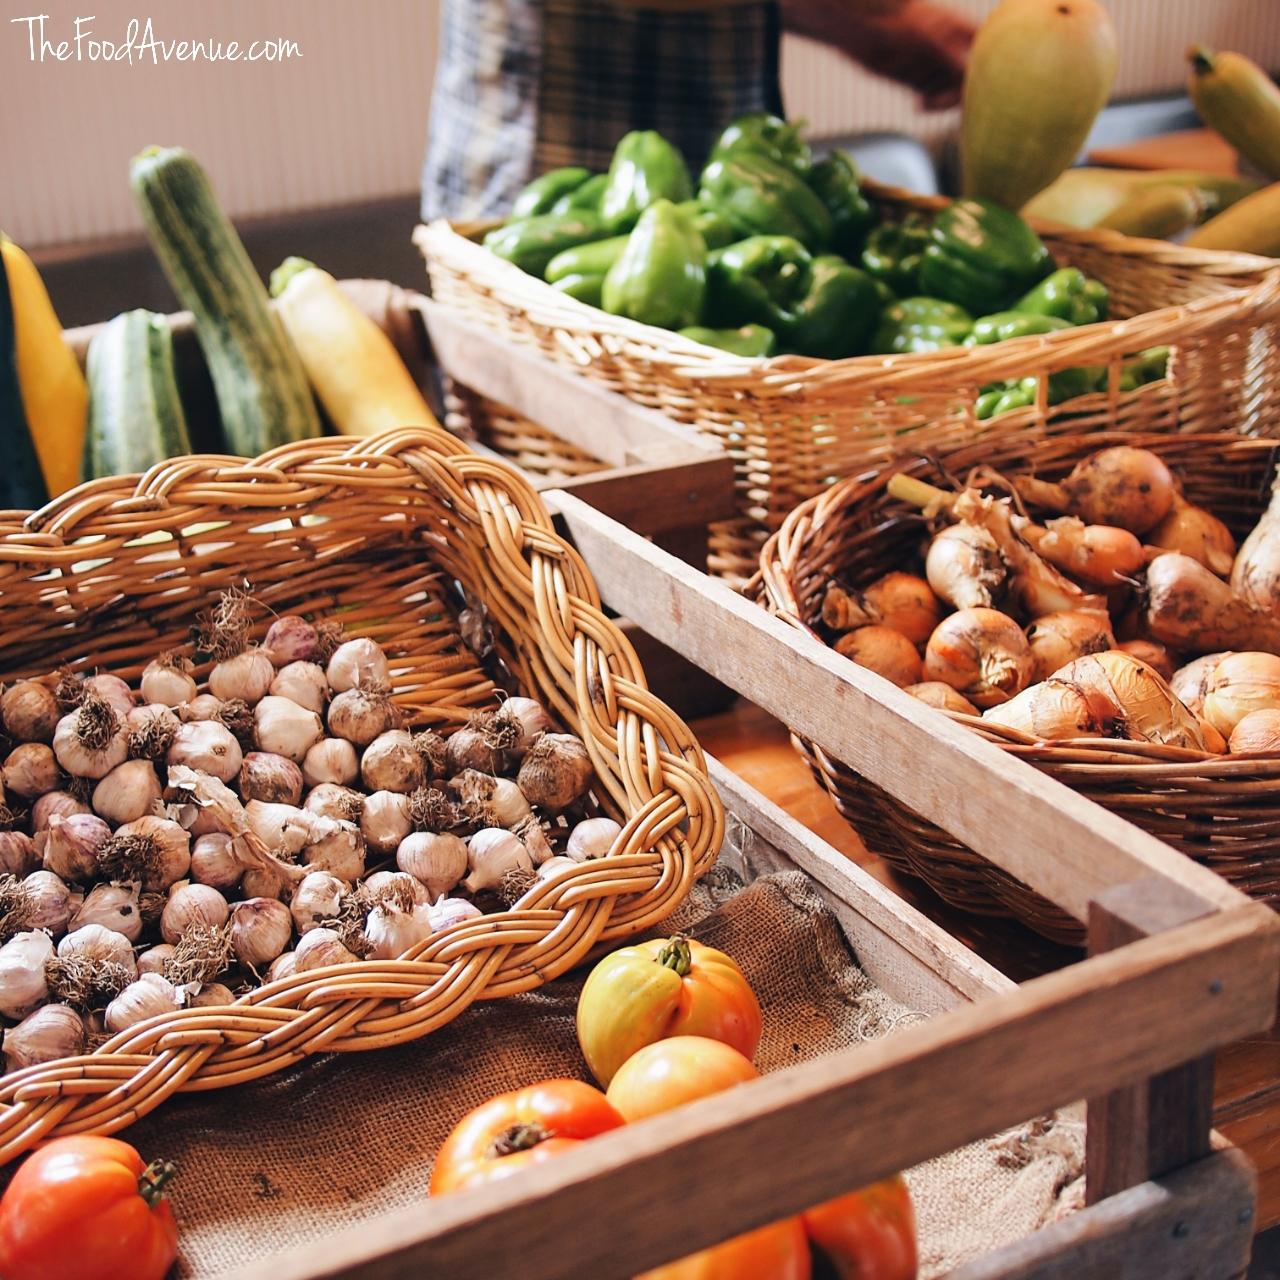 The_Food_Avenue_Tilba2.jpg